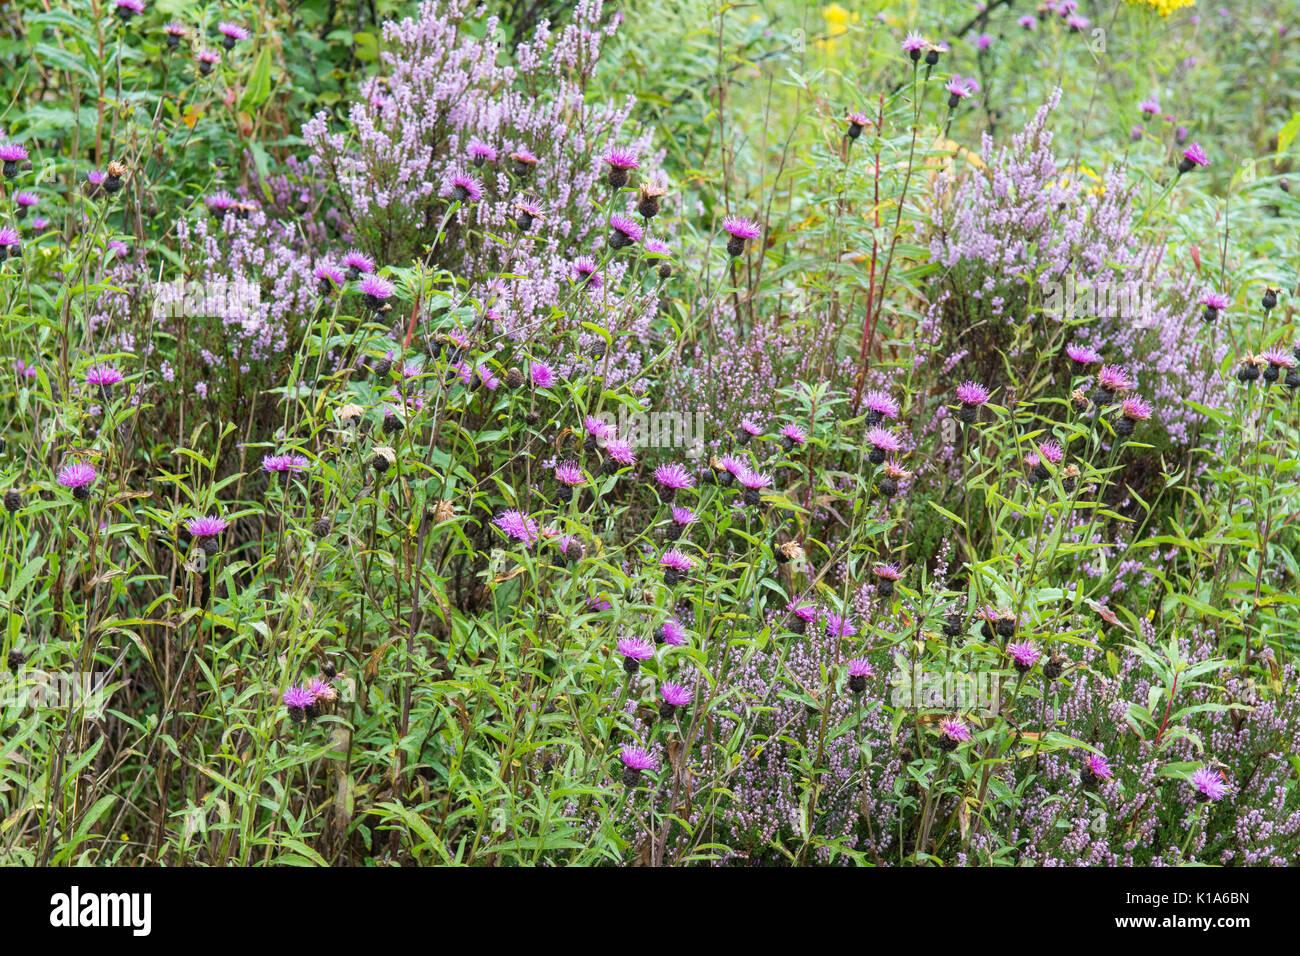 Schottische Wildblumen - lila Heidekraut und gemeinsame Flockenblume Stockbild